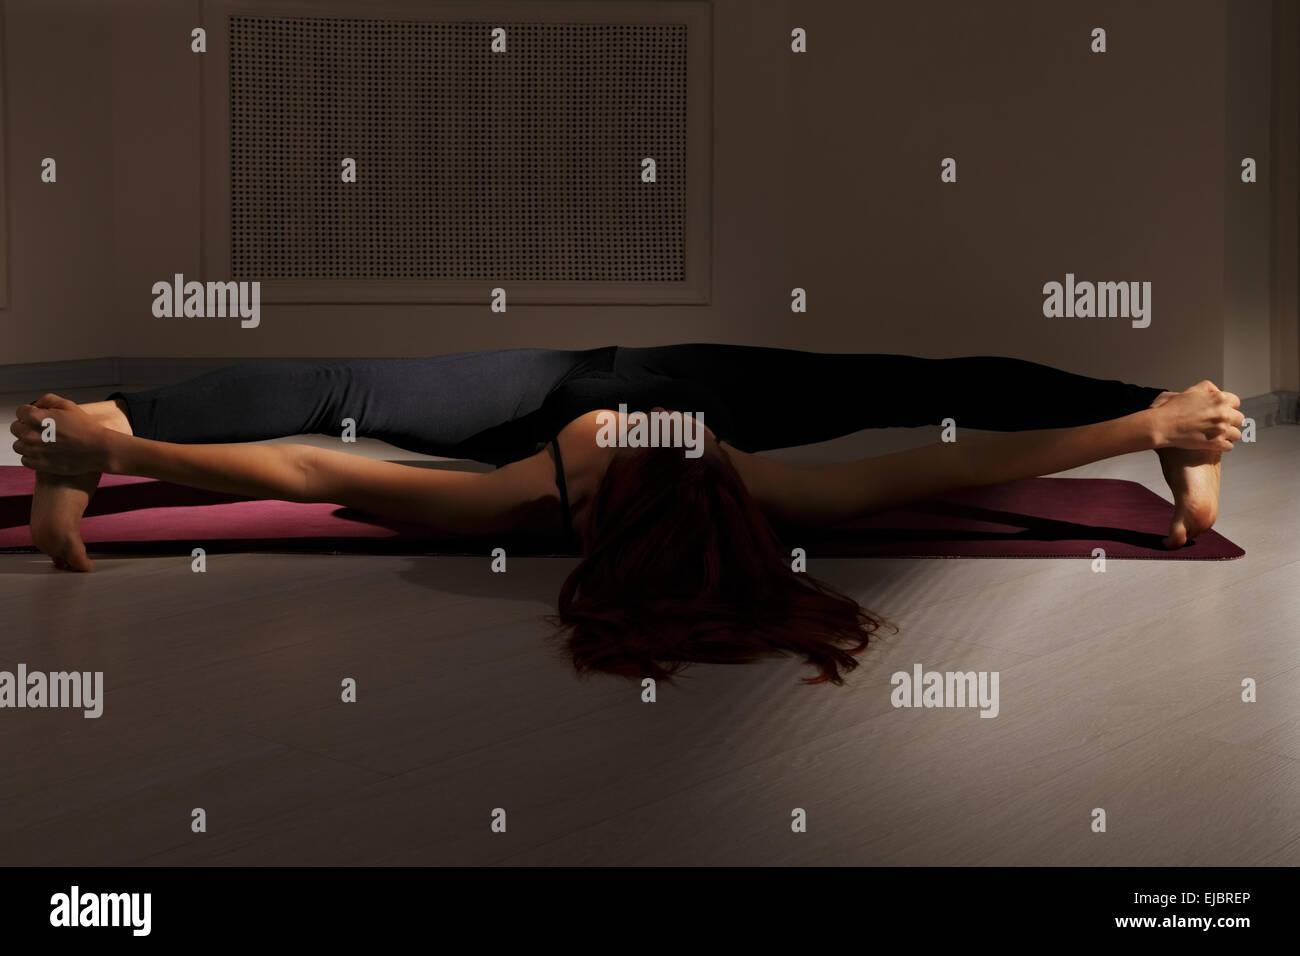 Split in darkness - Stock Image